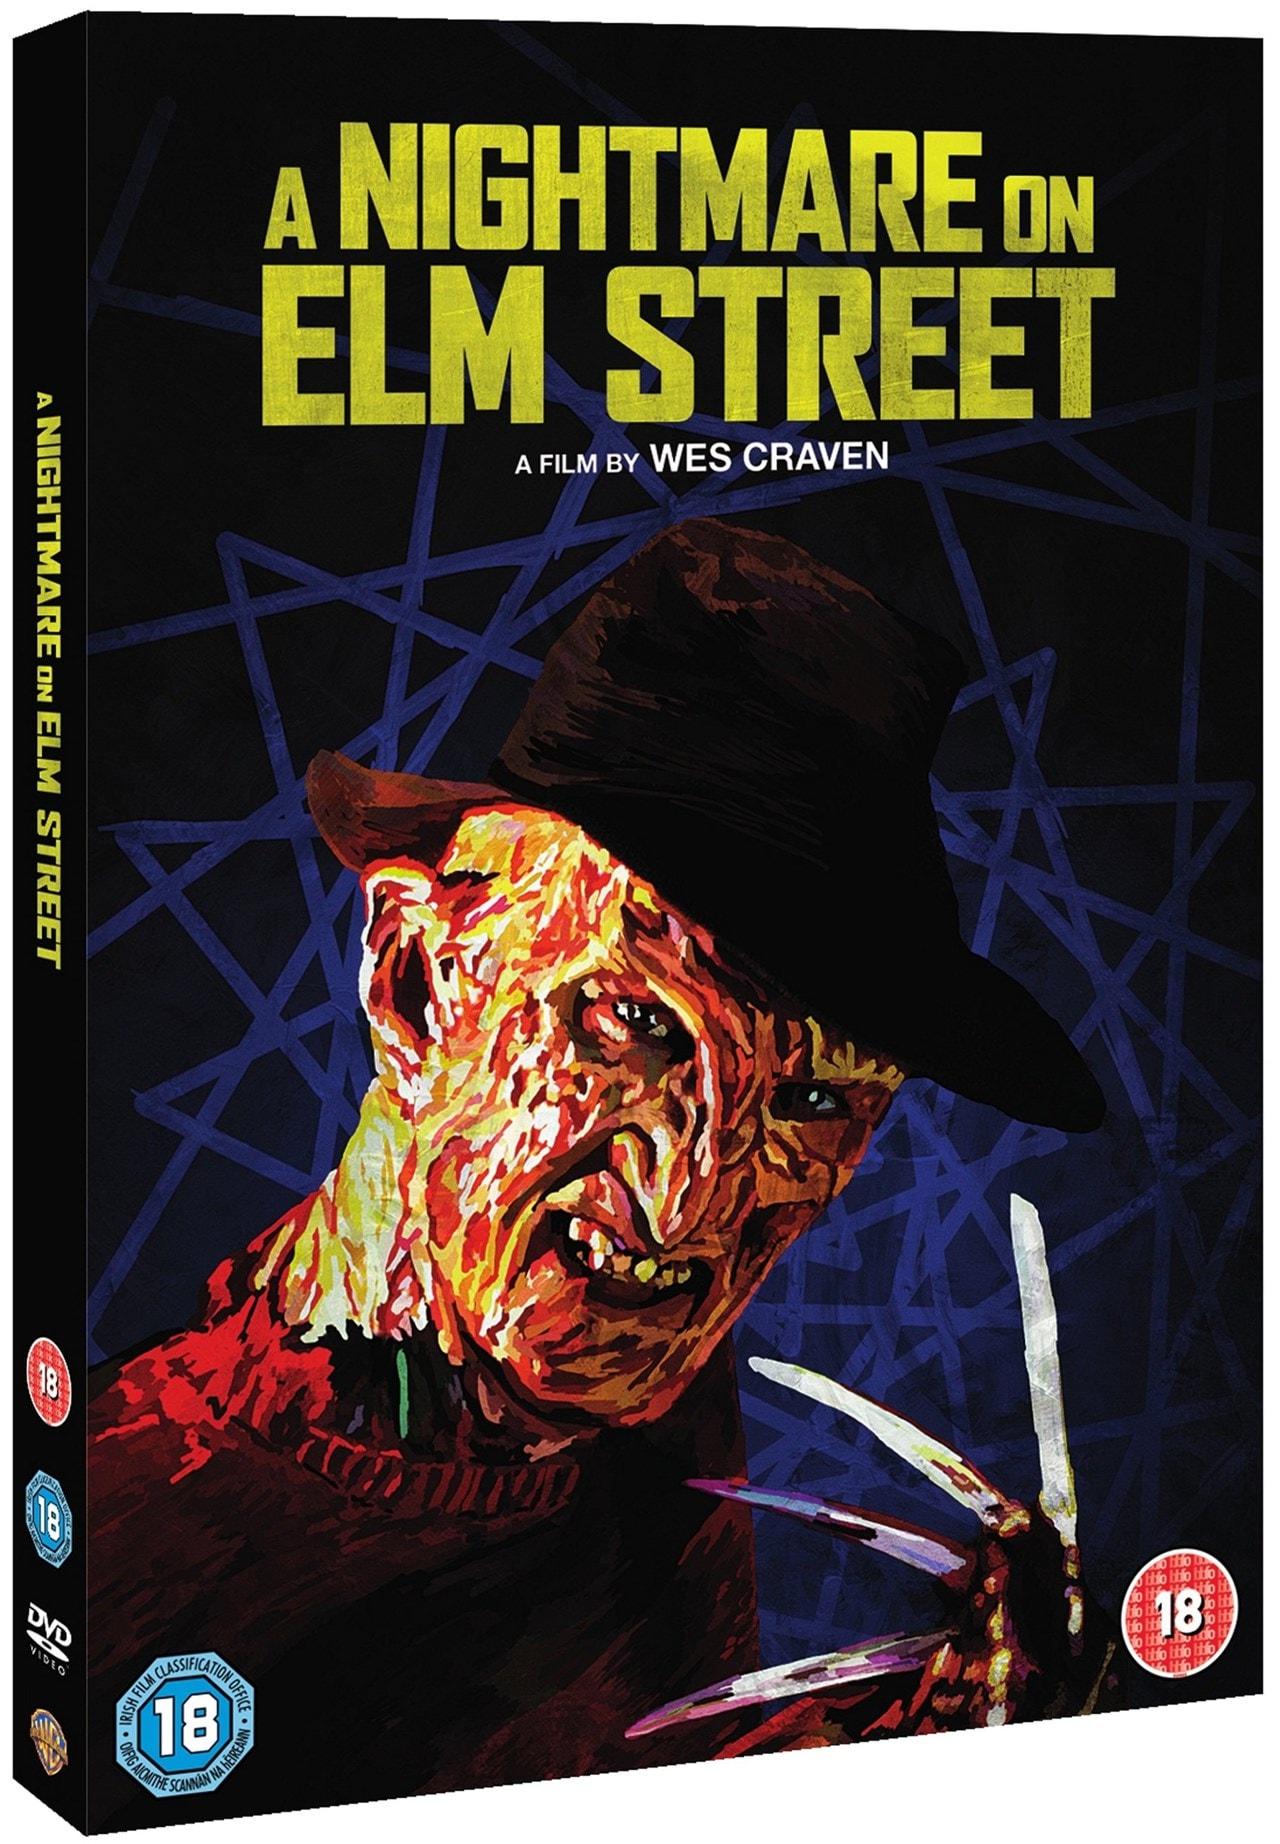 A Nightmare On Elm Street - 2